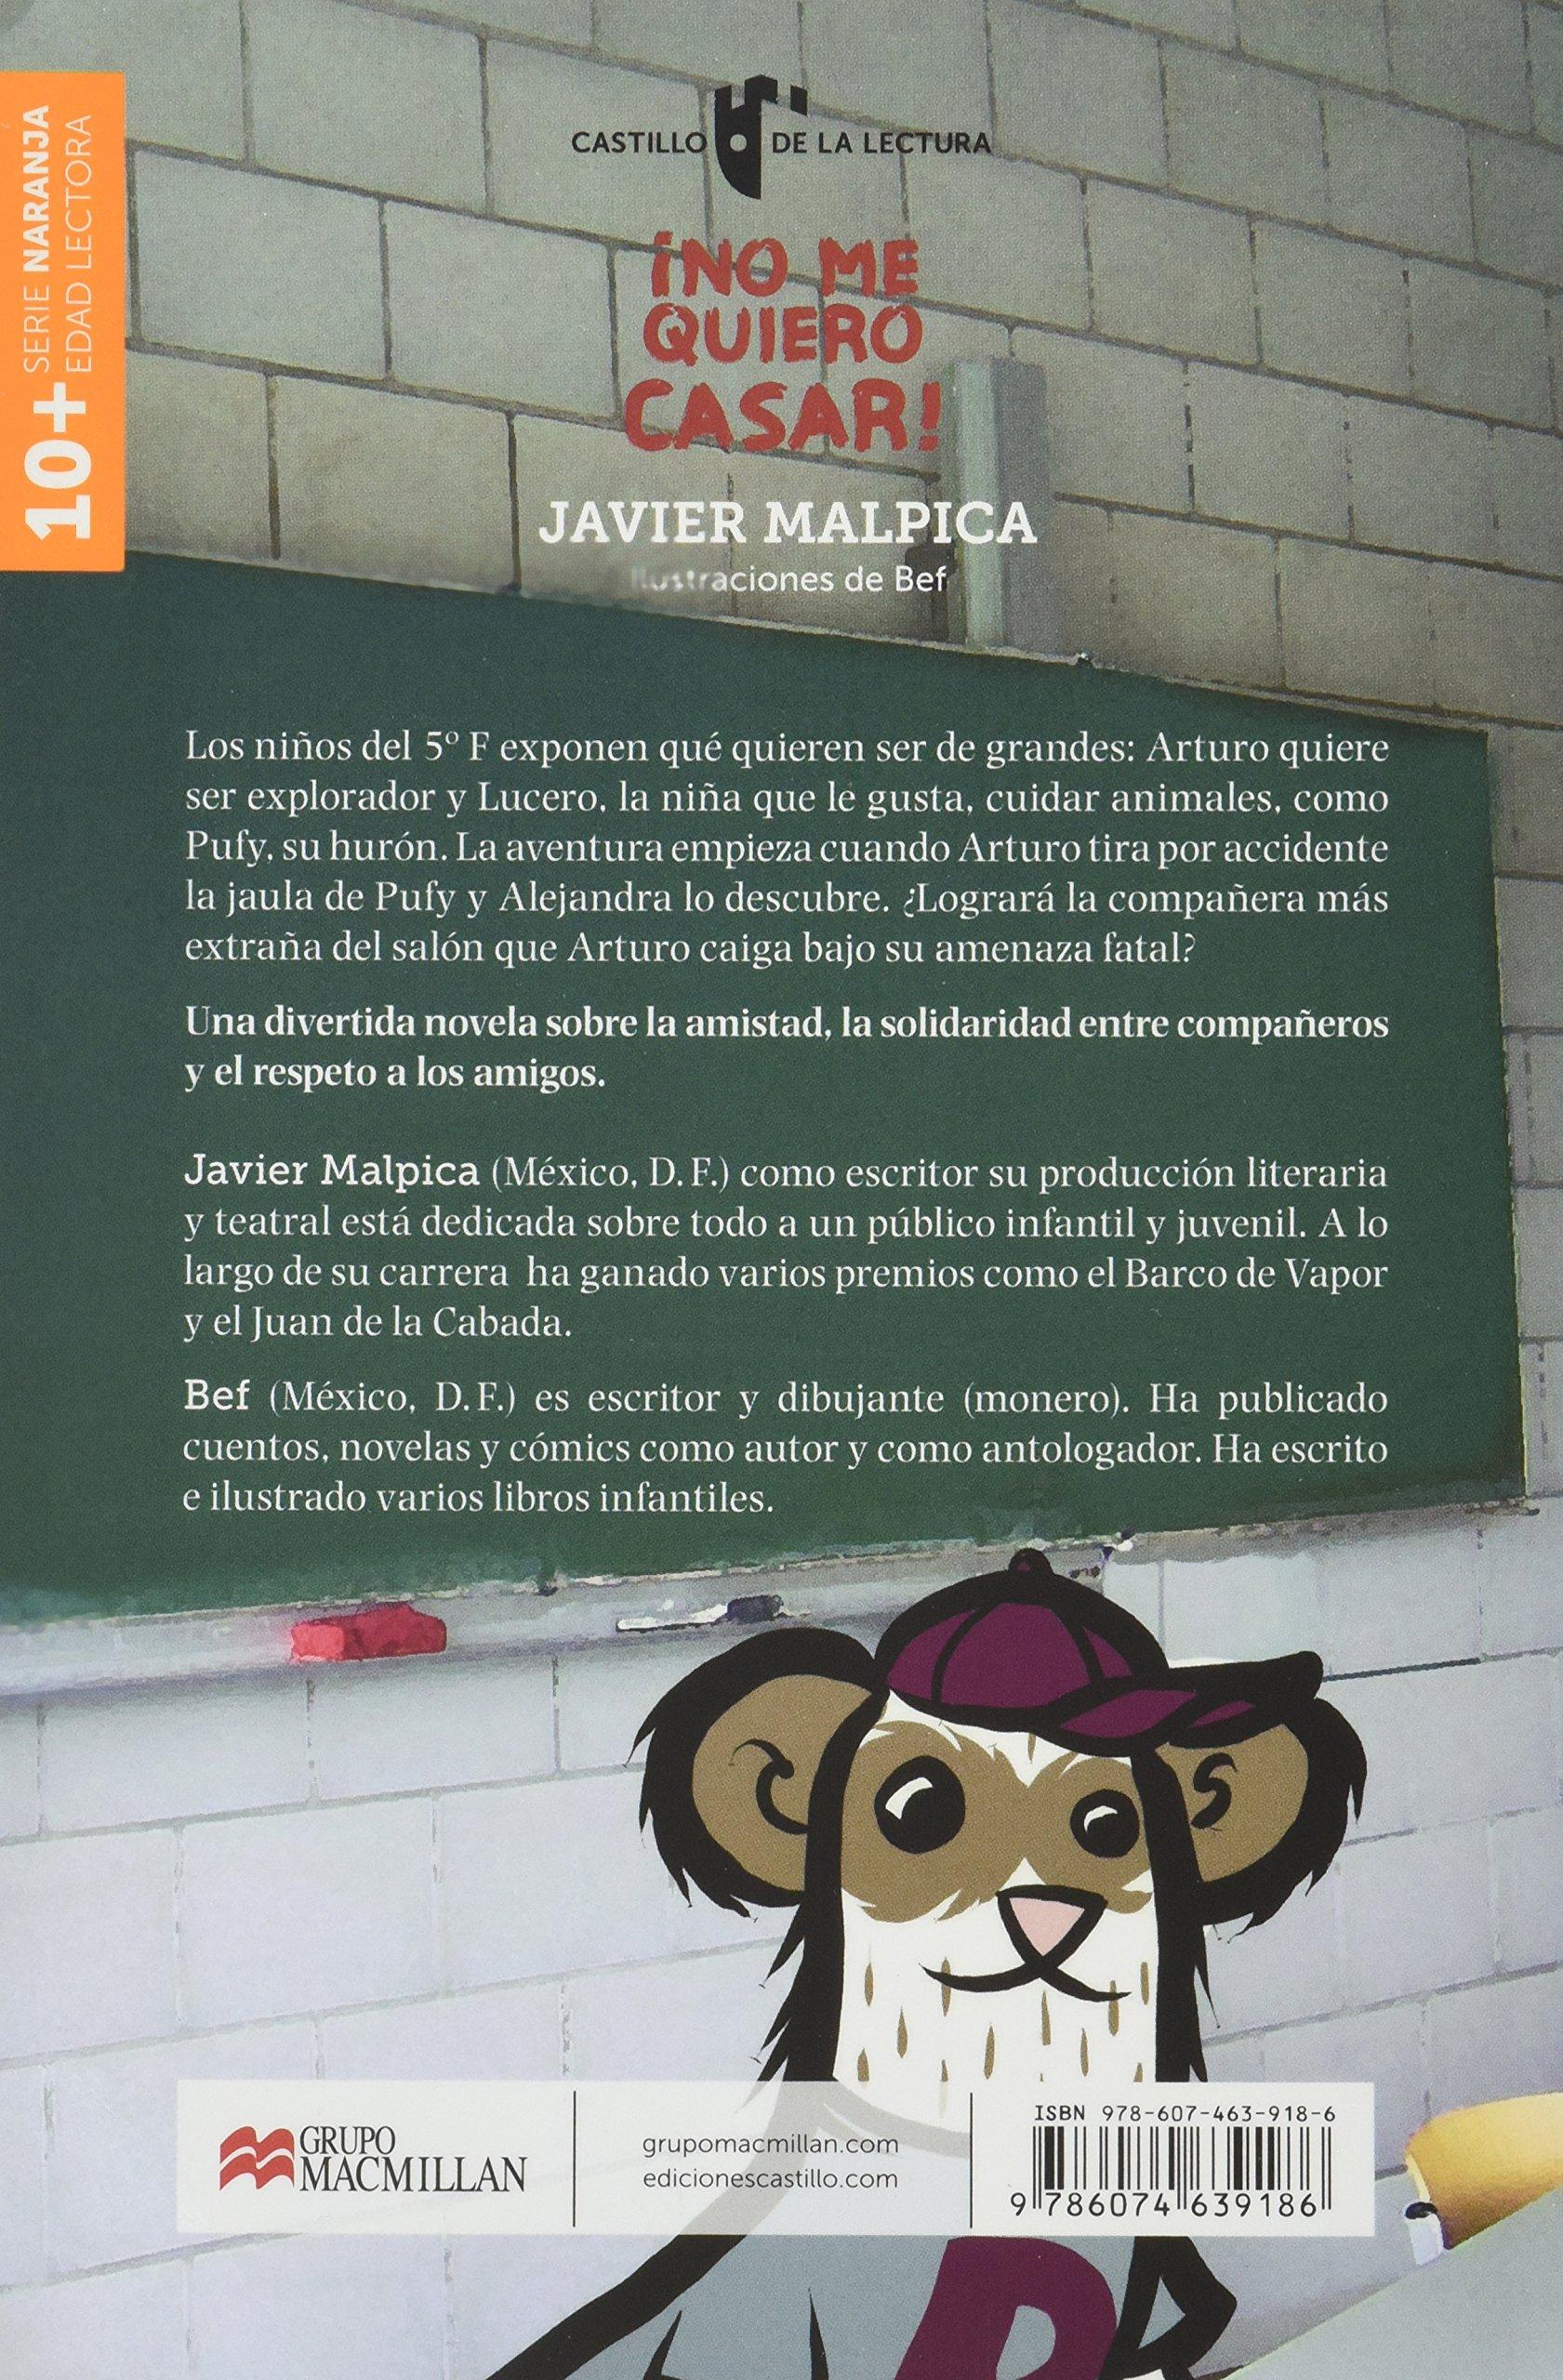 No me quiero casar SN 1E MA: Javier Malpica: 9786074639186: Amazon.com: Books